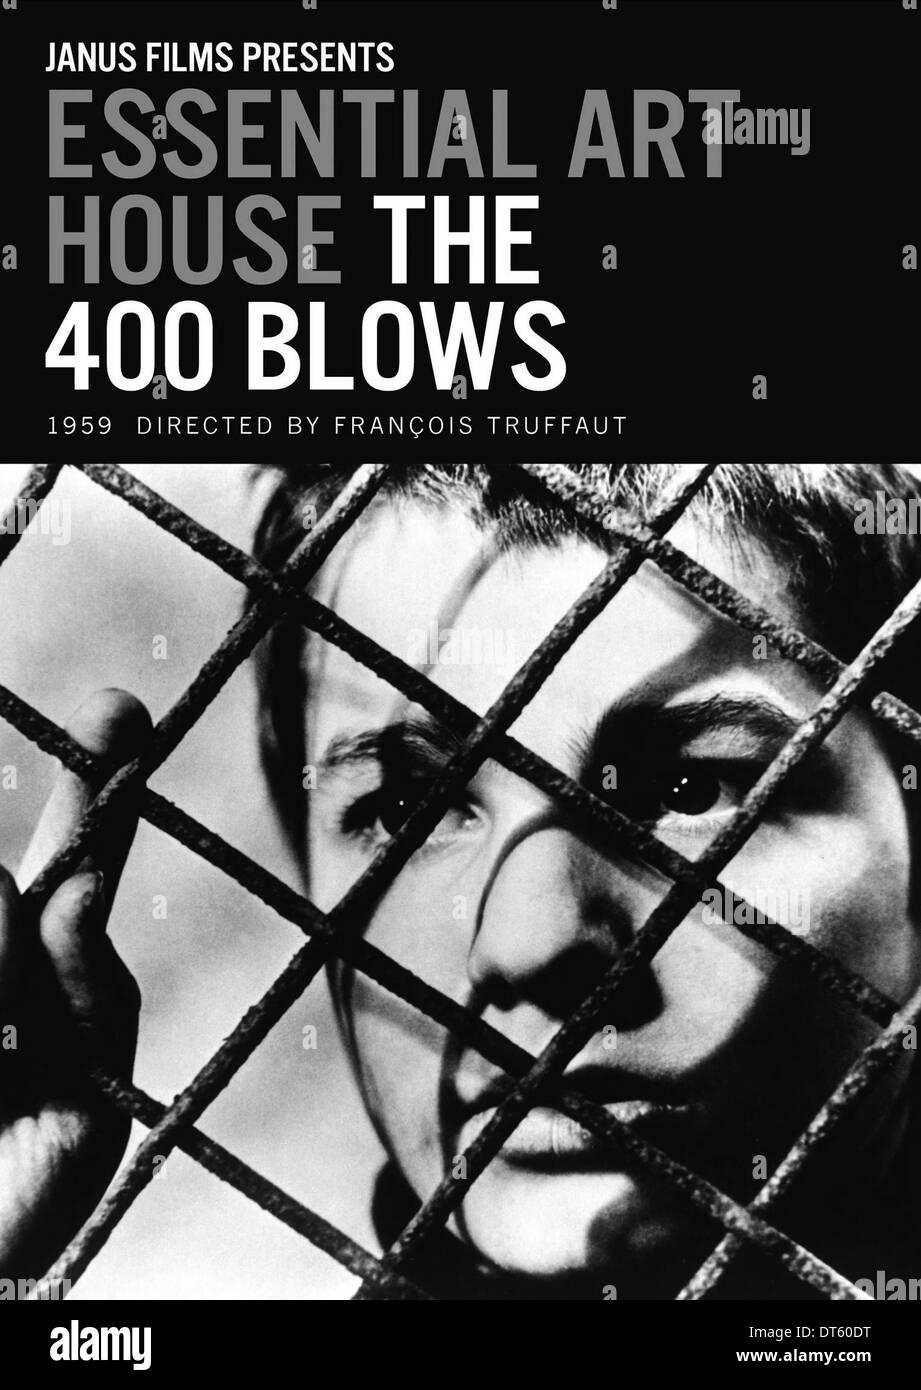 Jean pierre leaud poster the 400 blows les quatre cents coups stock photo 66514948 alamy - Film les quatre cents coups ...